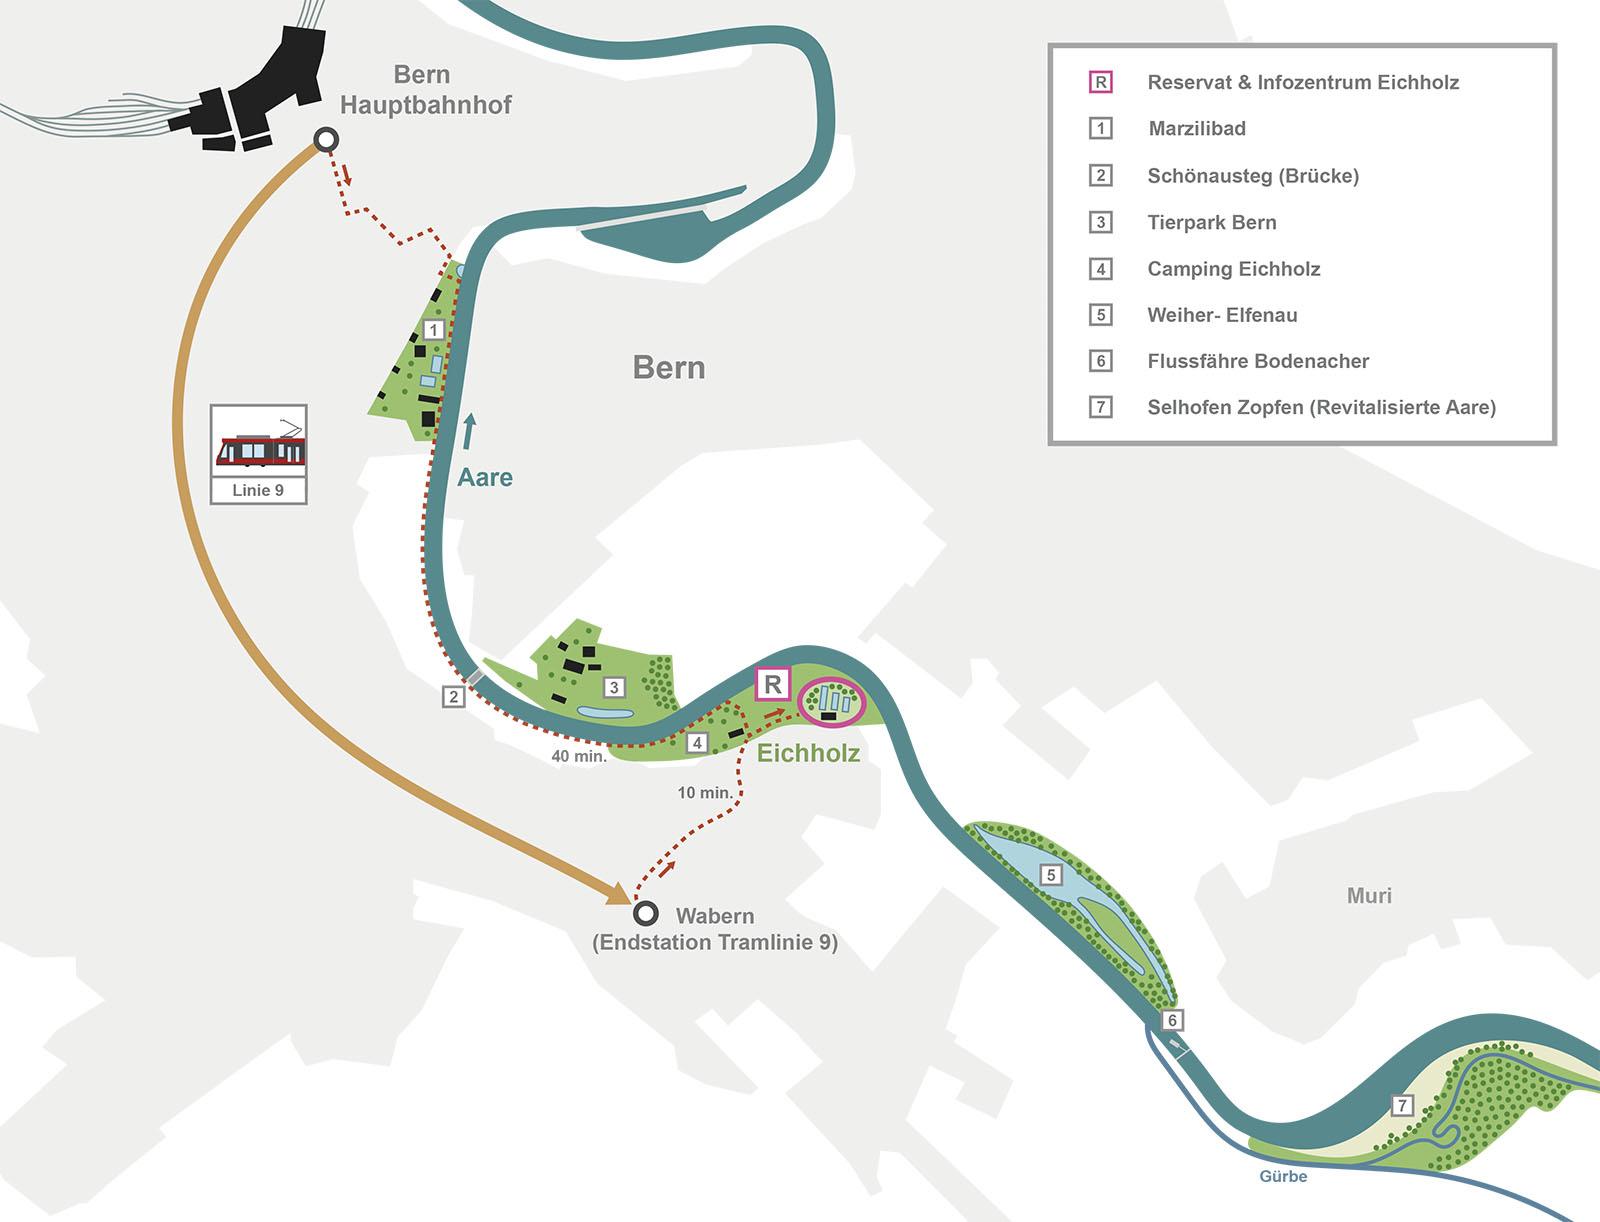 infozentrum-eichholz_reservat-eichholz_karte_standort_lageplan_b